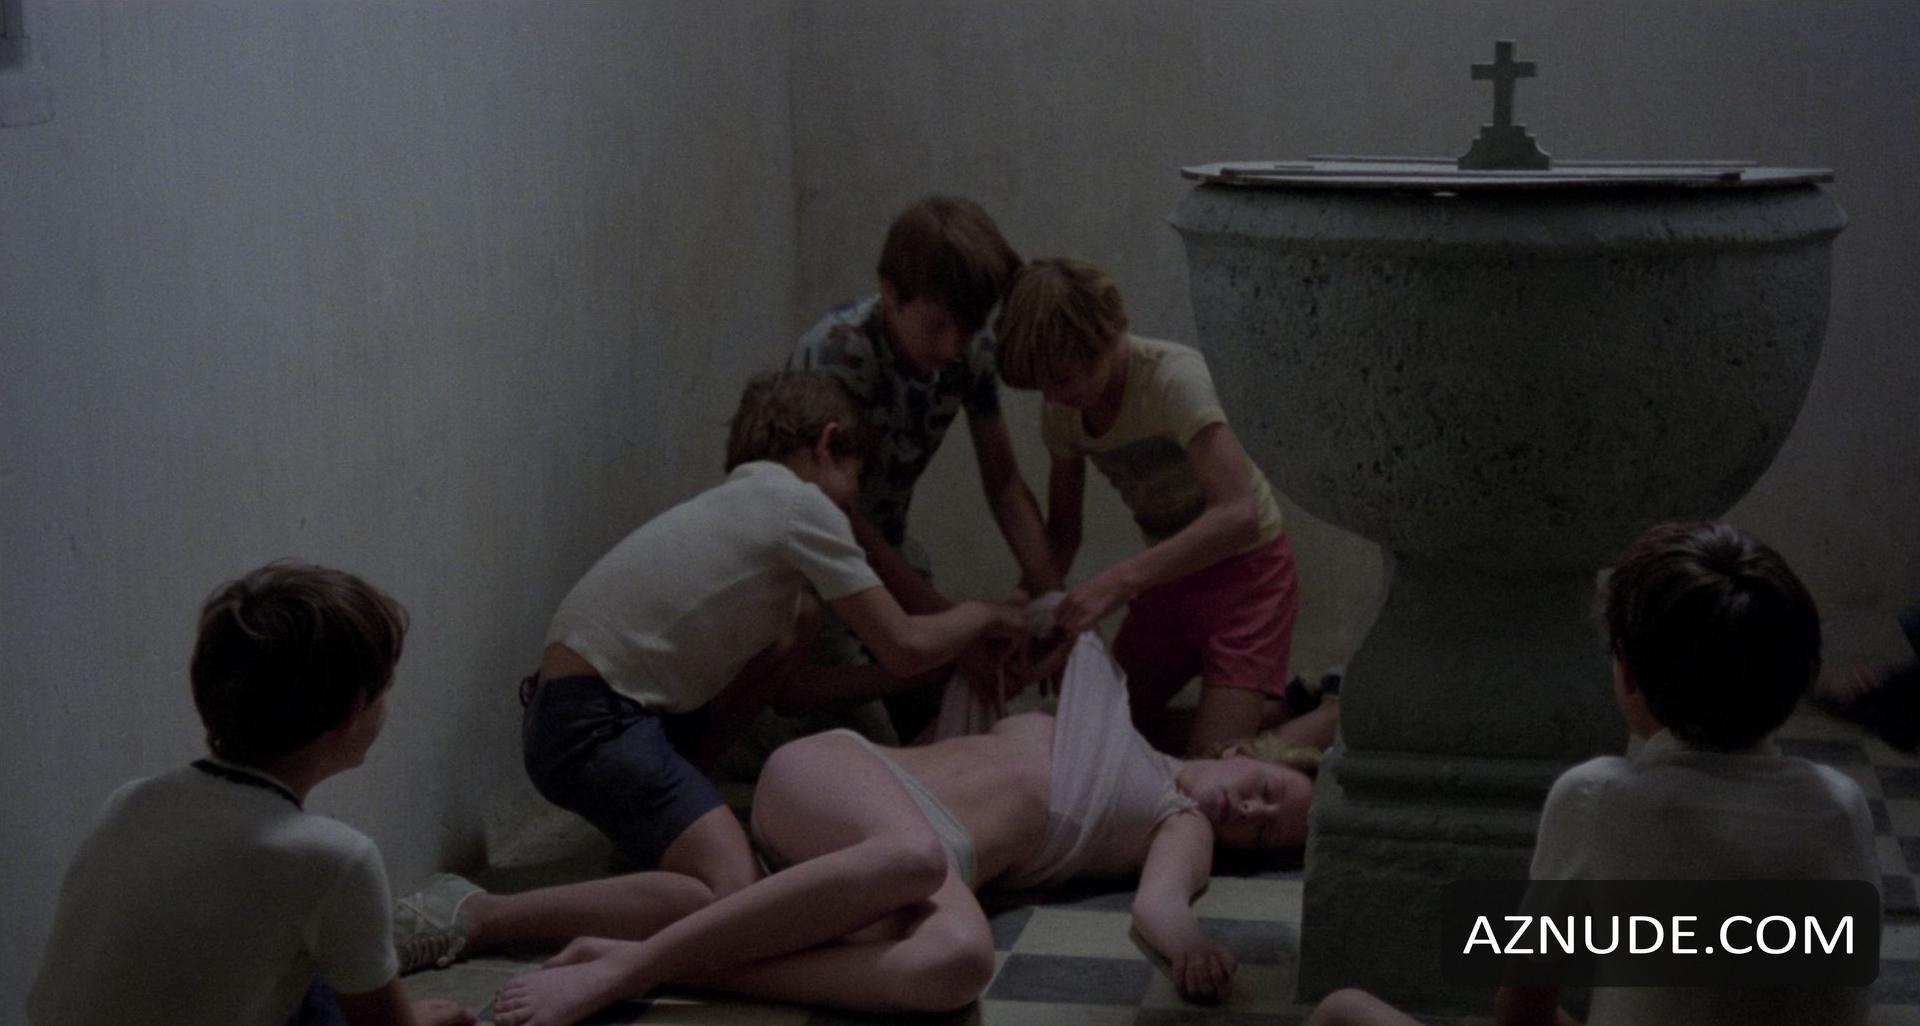 Сцены Изнасилования Девственниц В Фильмах Смотреть